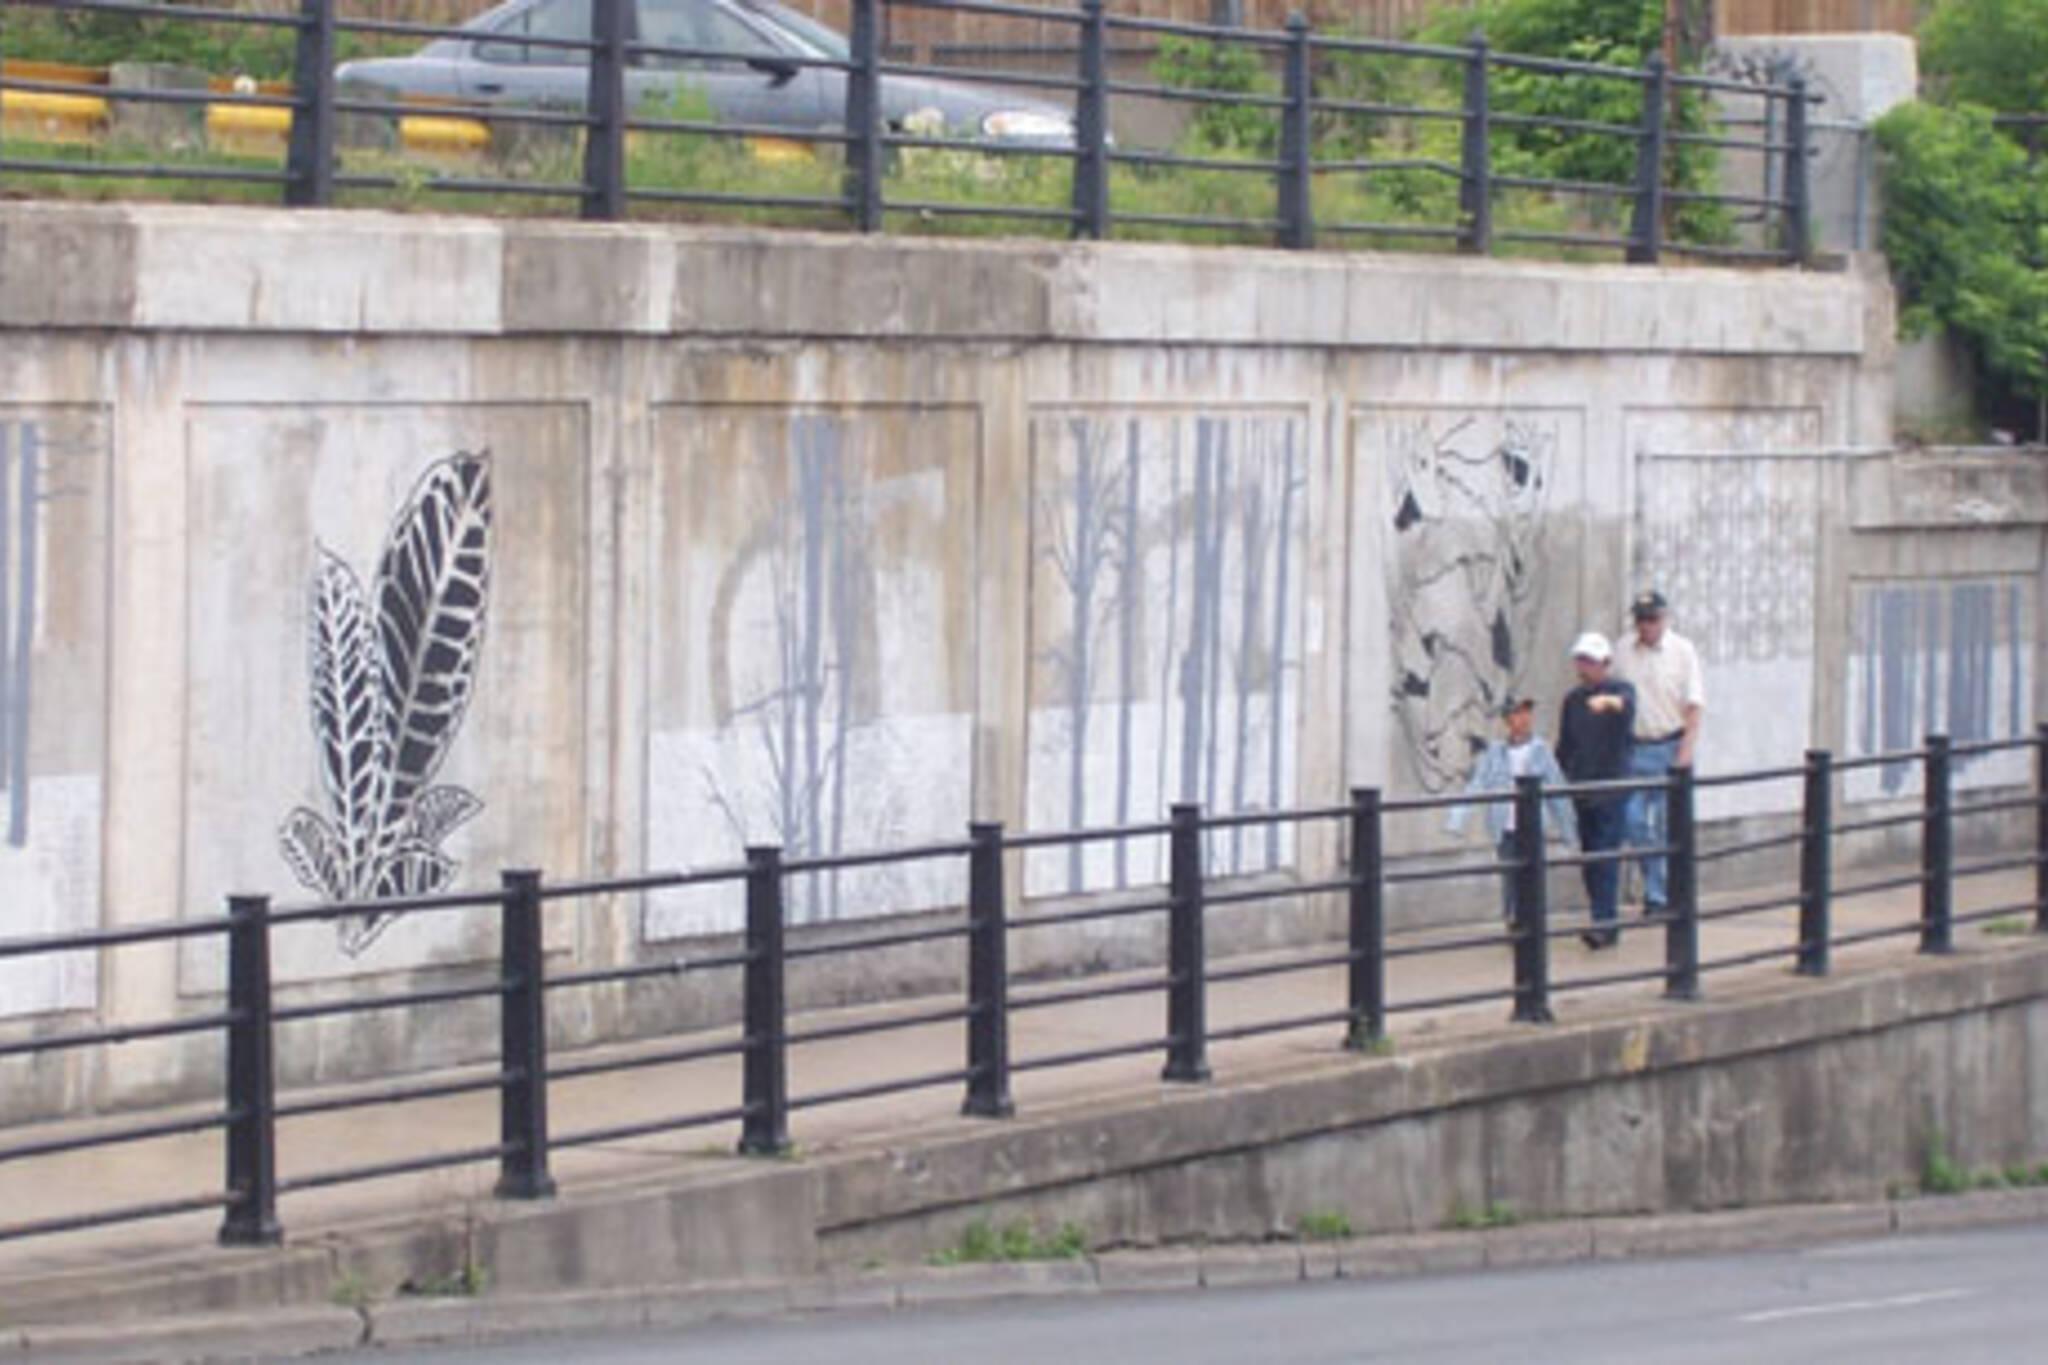 underpassproject Bloor Lansdowne